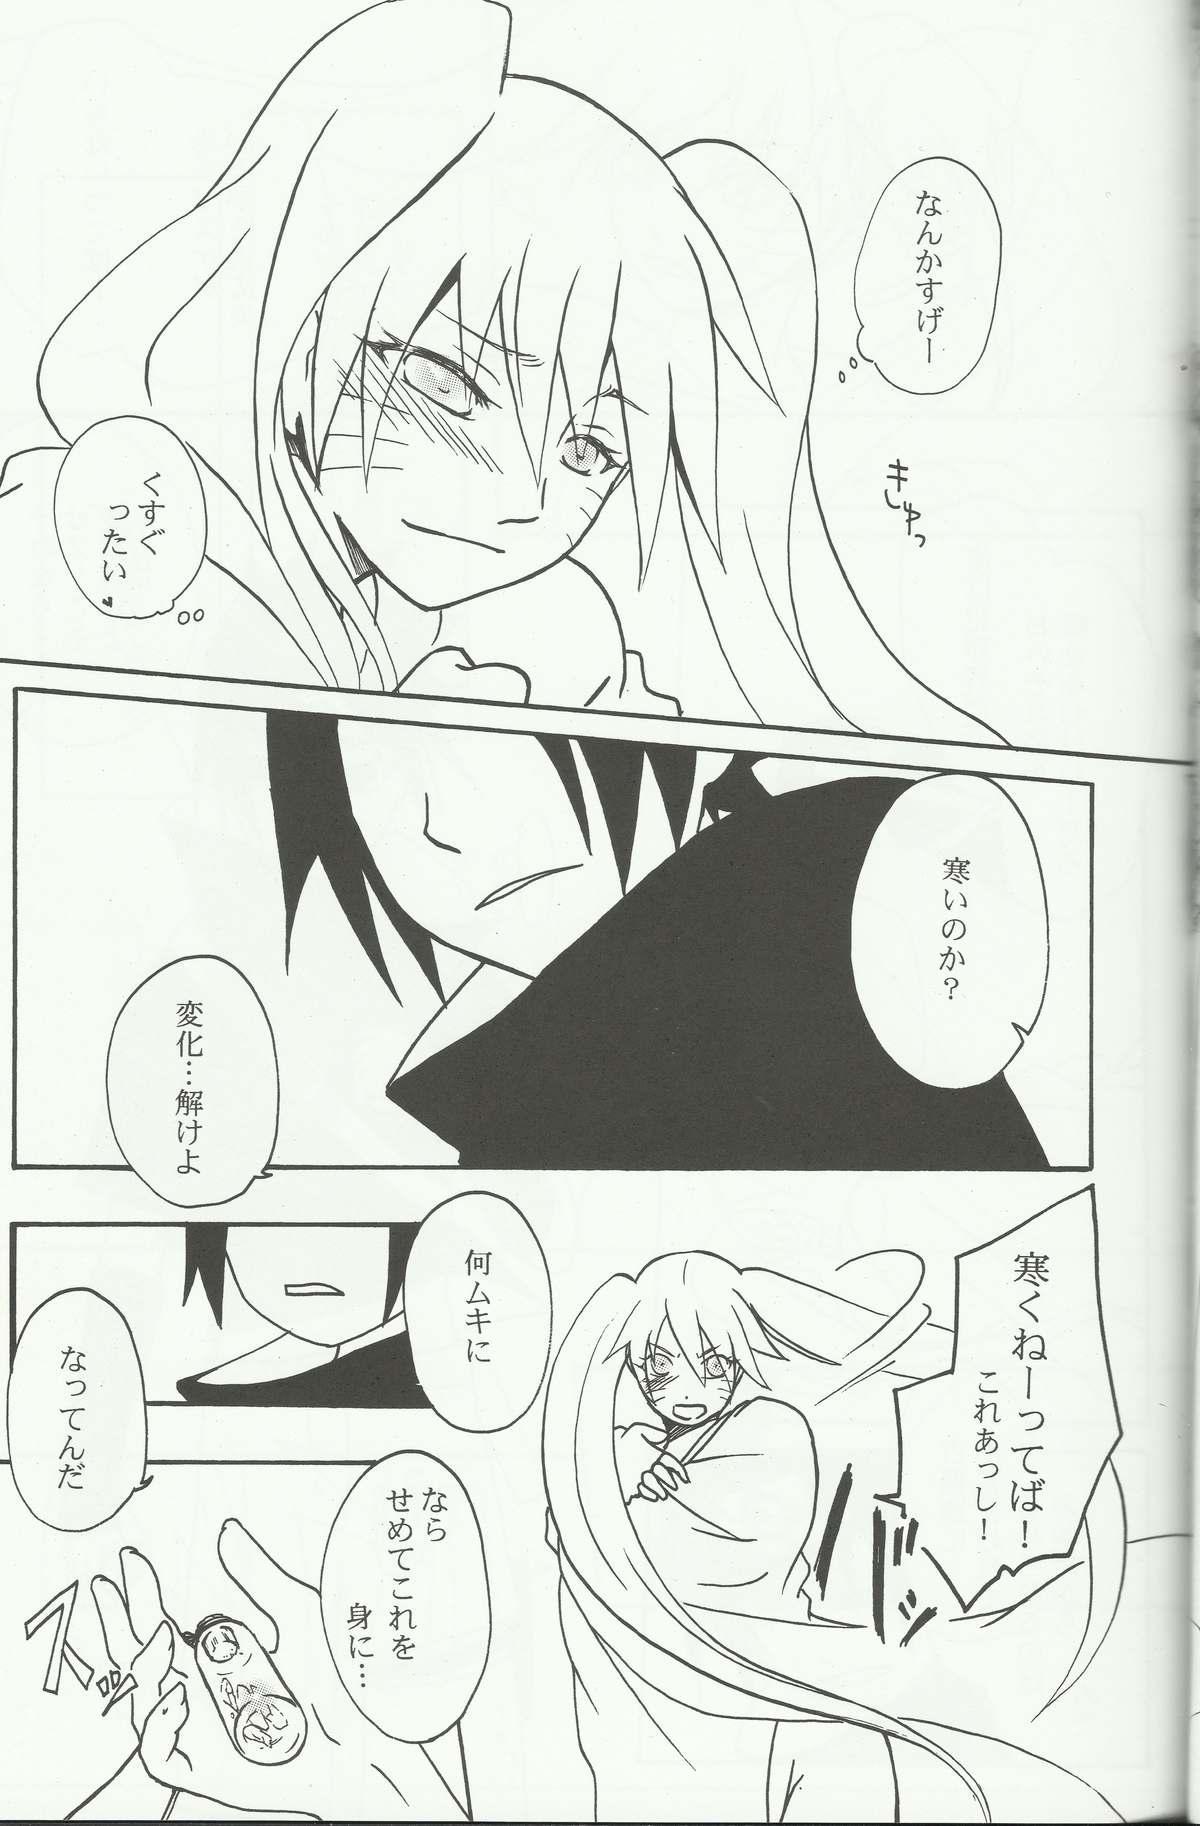 Mou Ichido Kimi ni Au tame ni 6